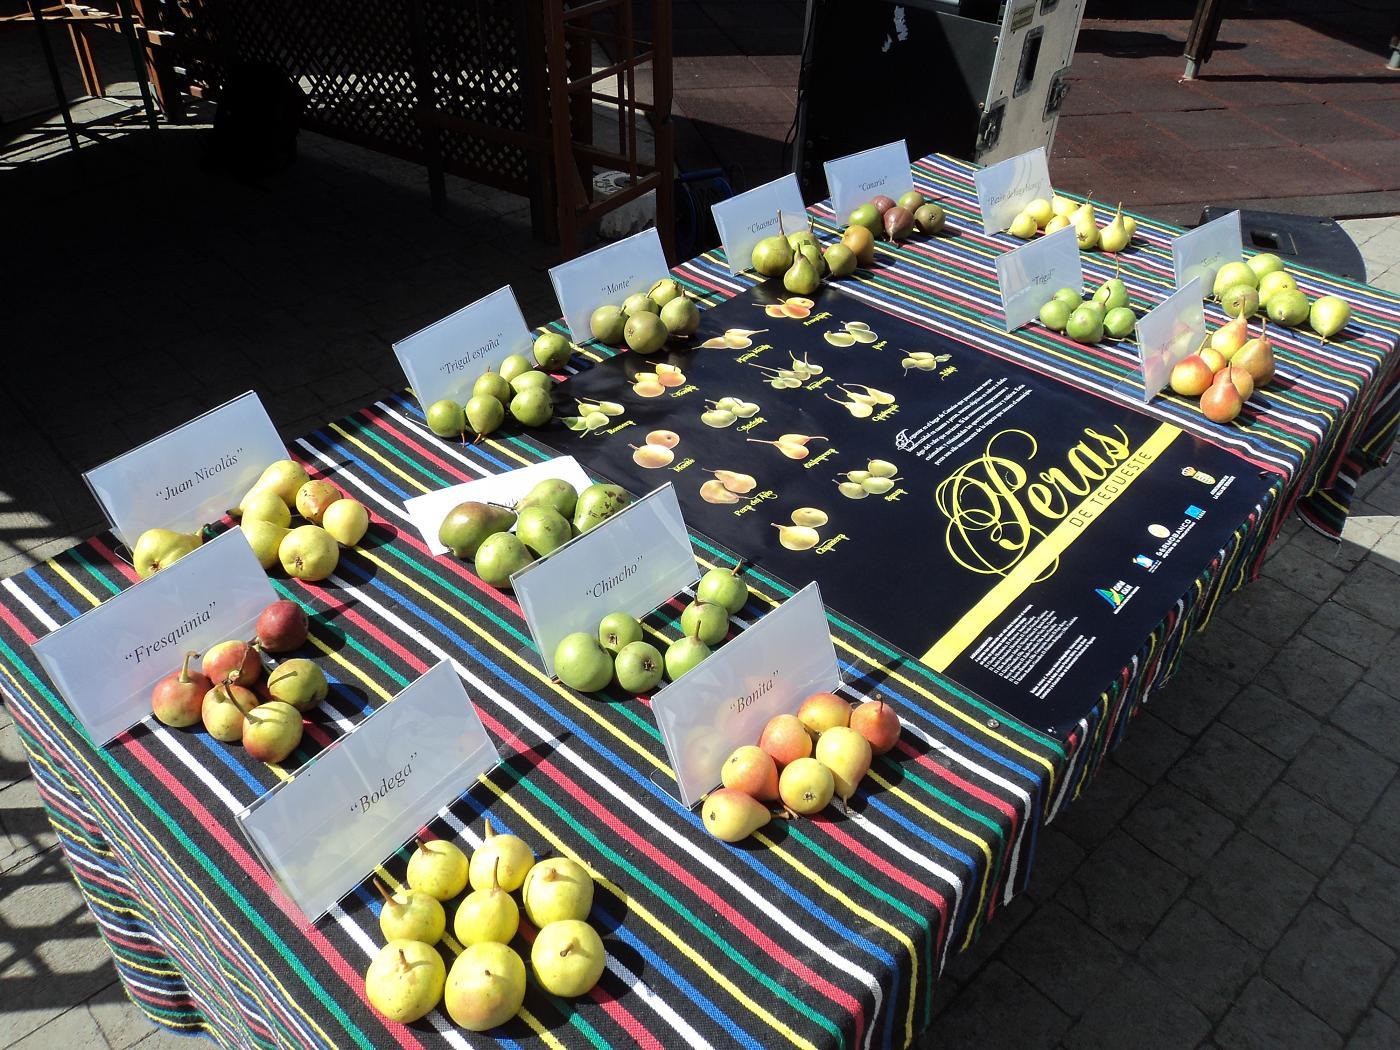 Las peras te esperan en Mercado del agricultor de Teguesteillo de Tegueste